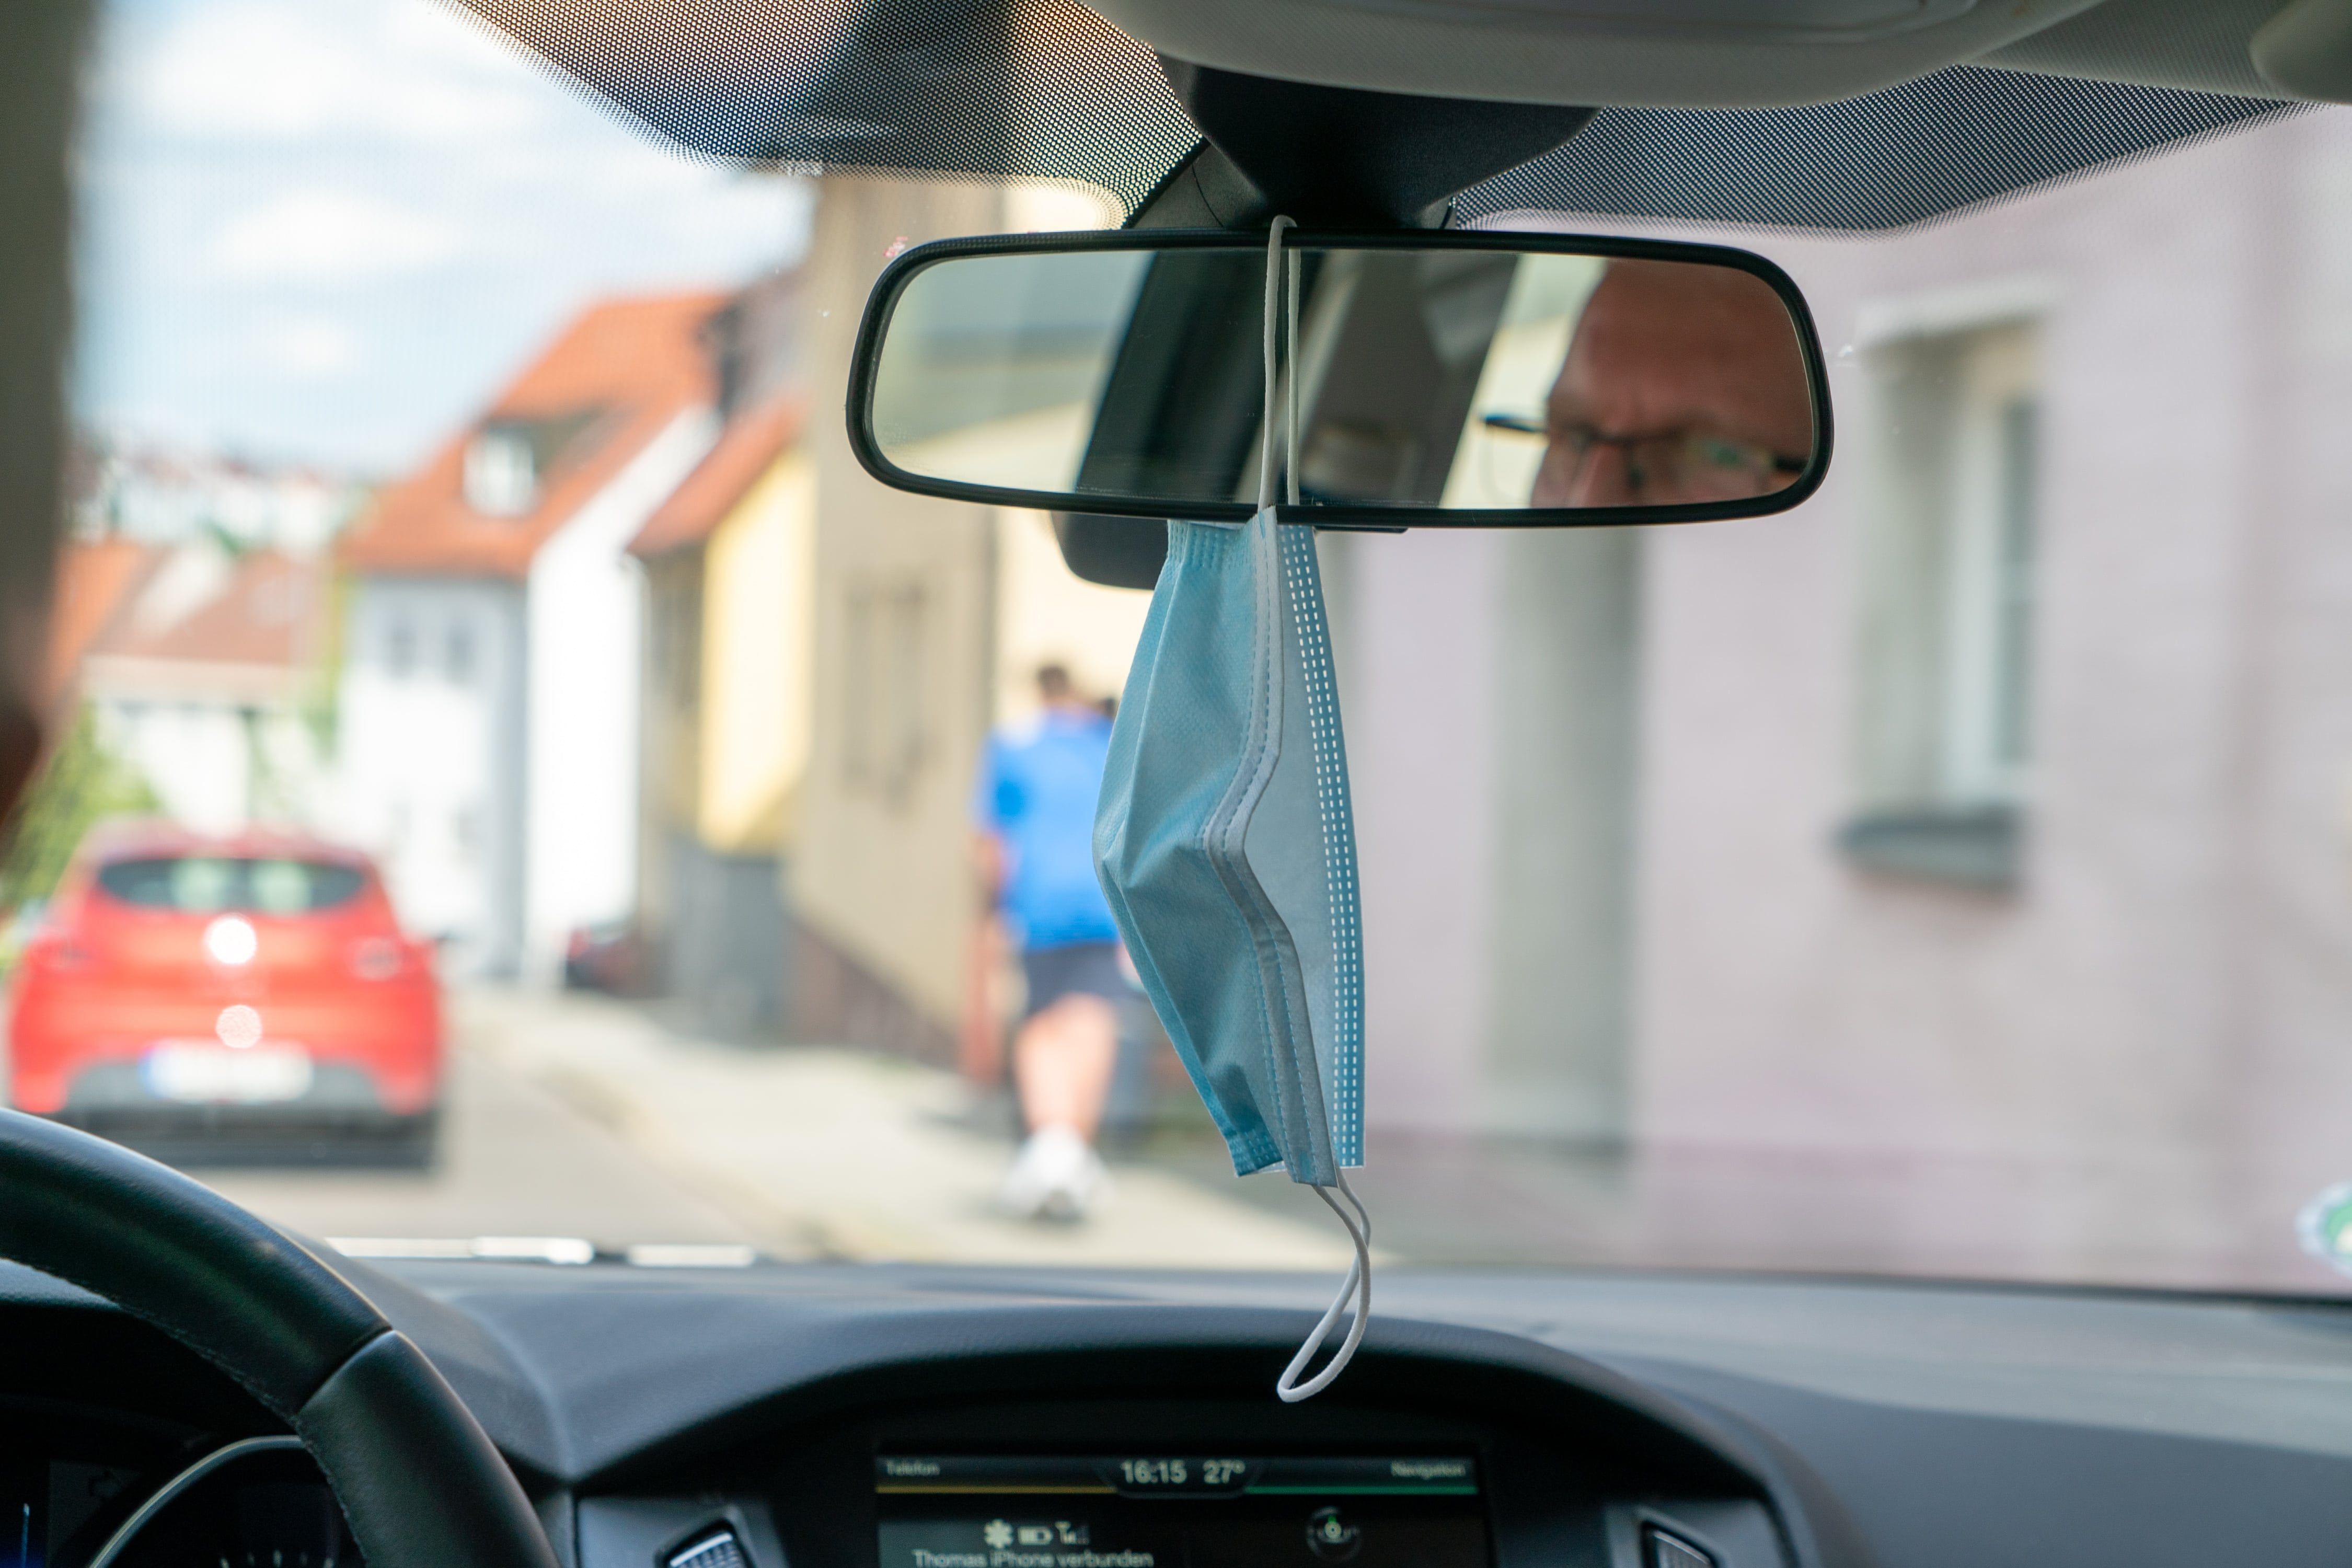 El espejo retrovisor no es una percha para colgar ropa